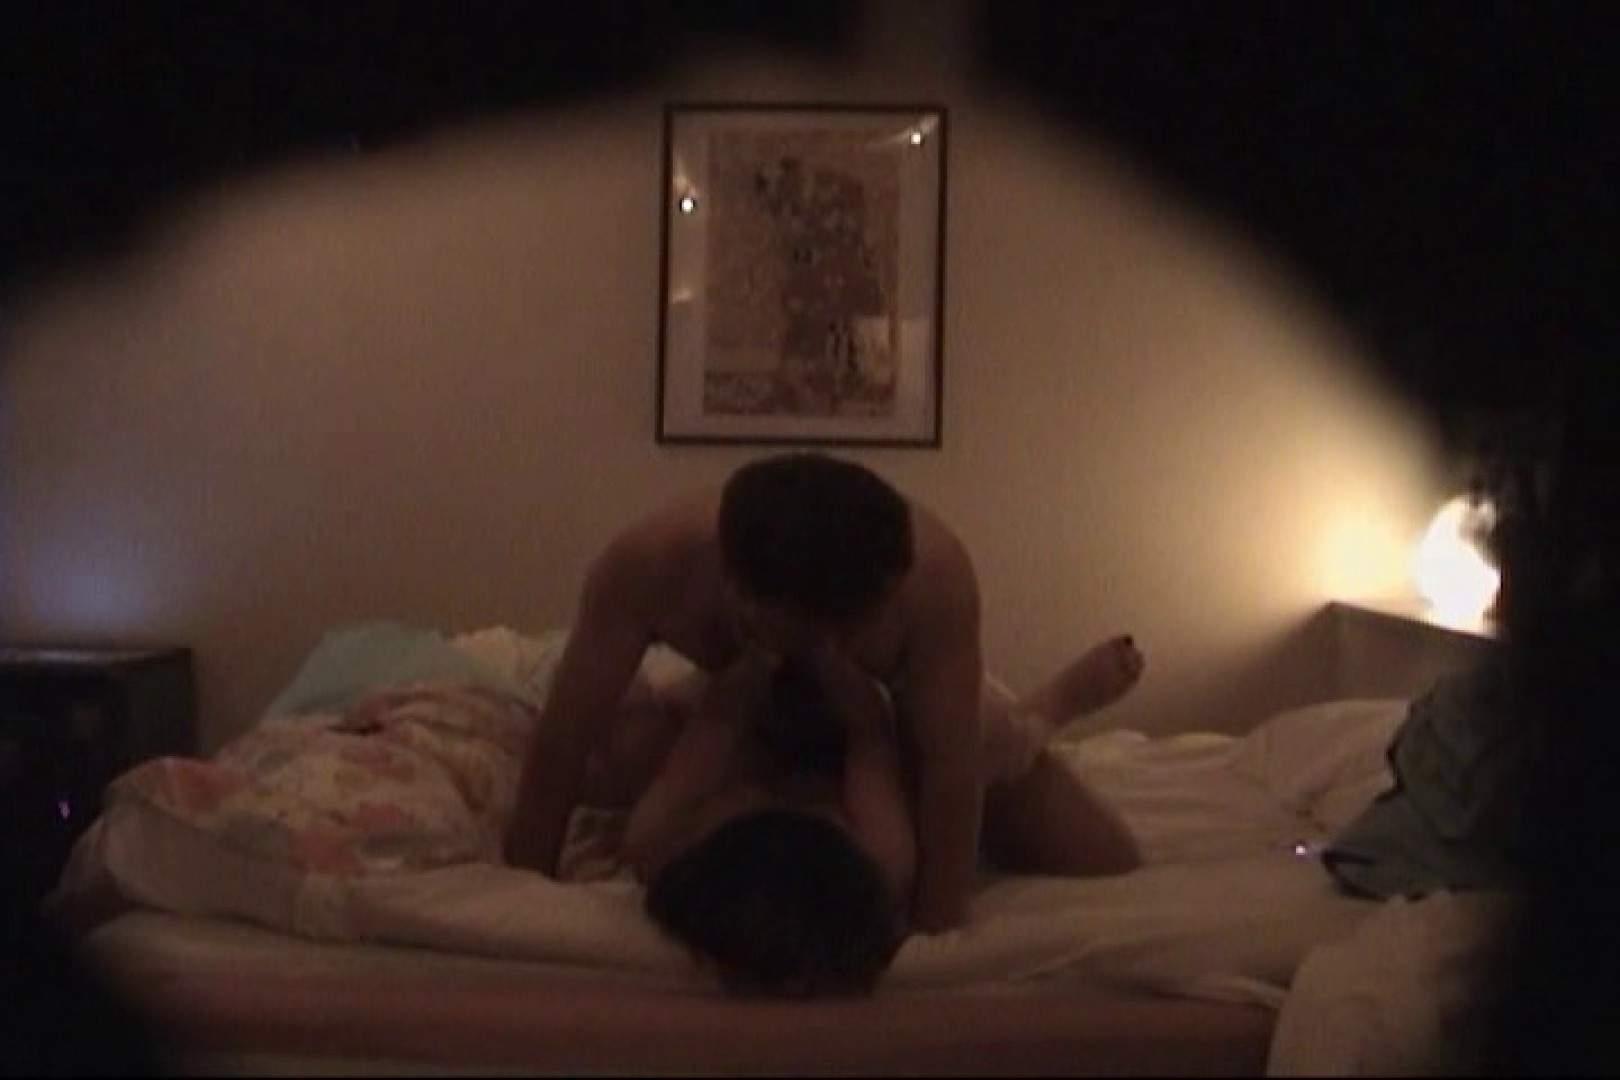 デリ嬢マル秘撮り本物投稿版④ ホテル  92連発 48